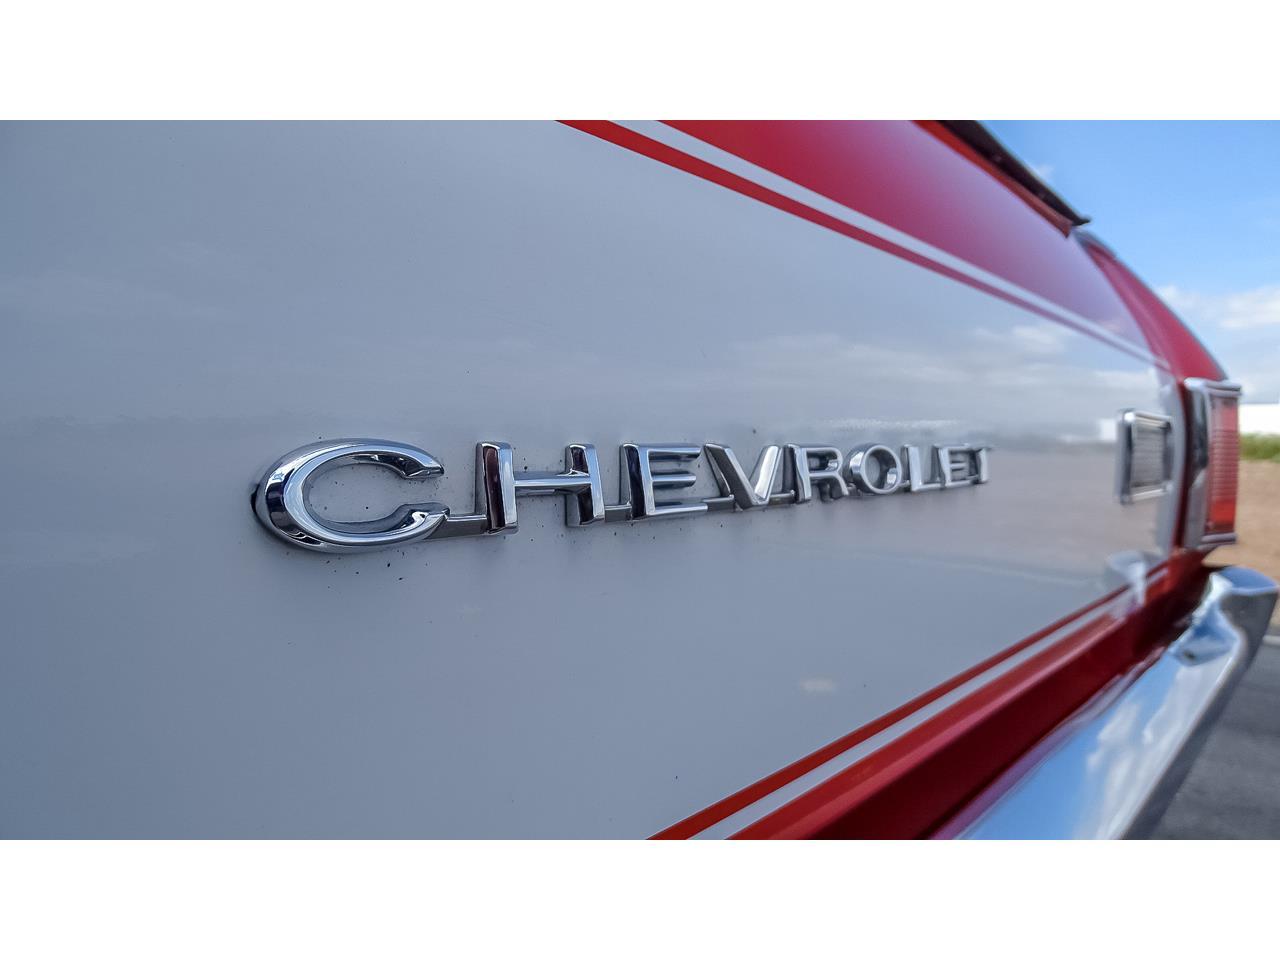 1972 Chevrolet El Camino (CC-1341875) for sale in O'Fallon, Illinois